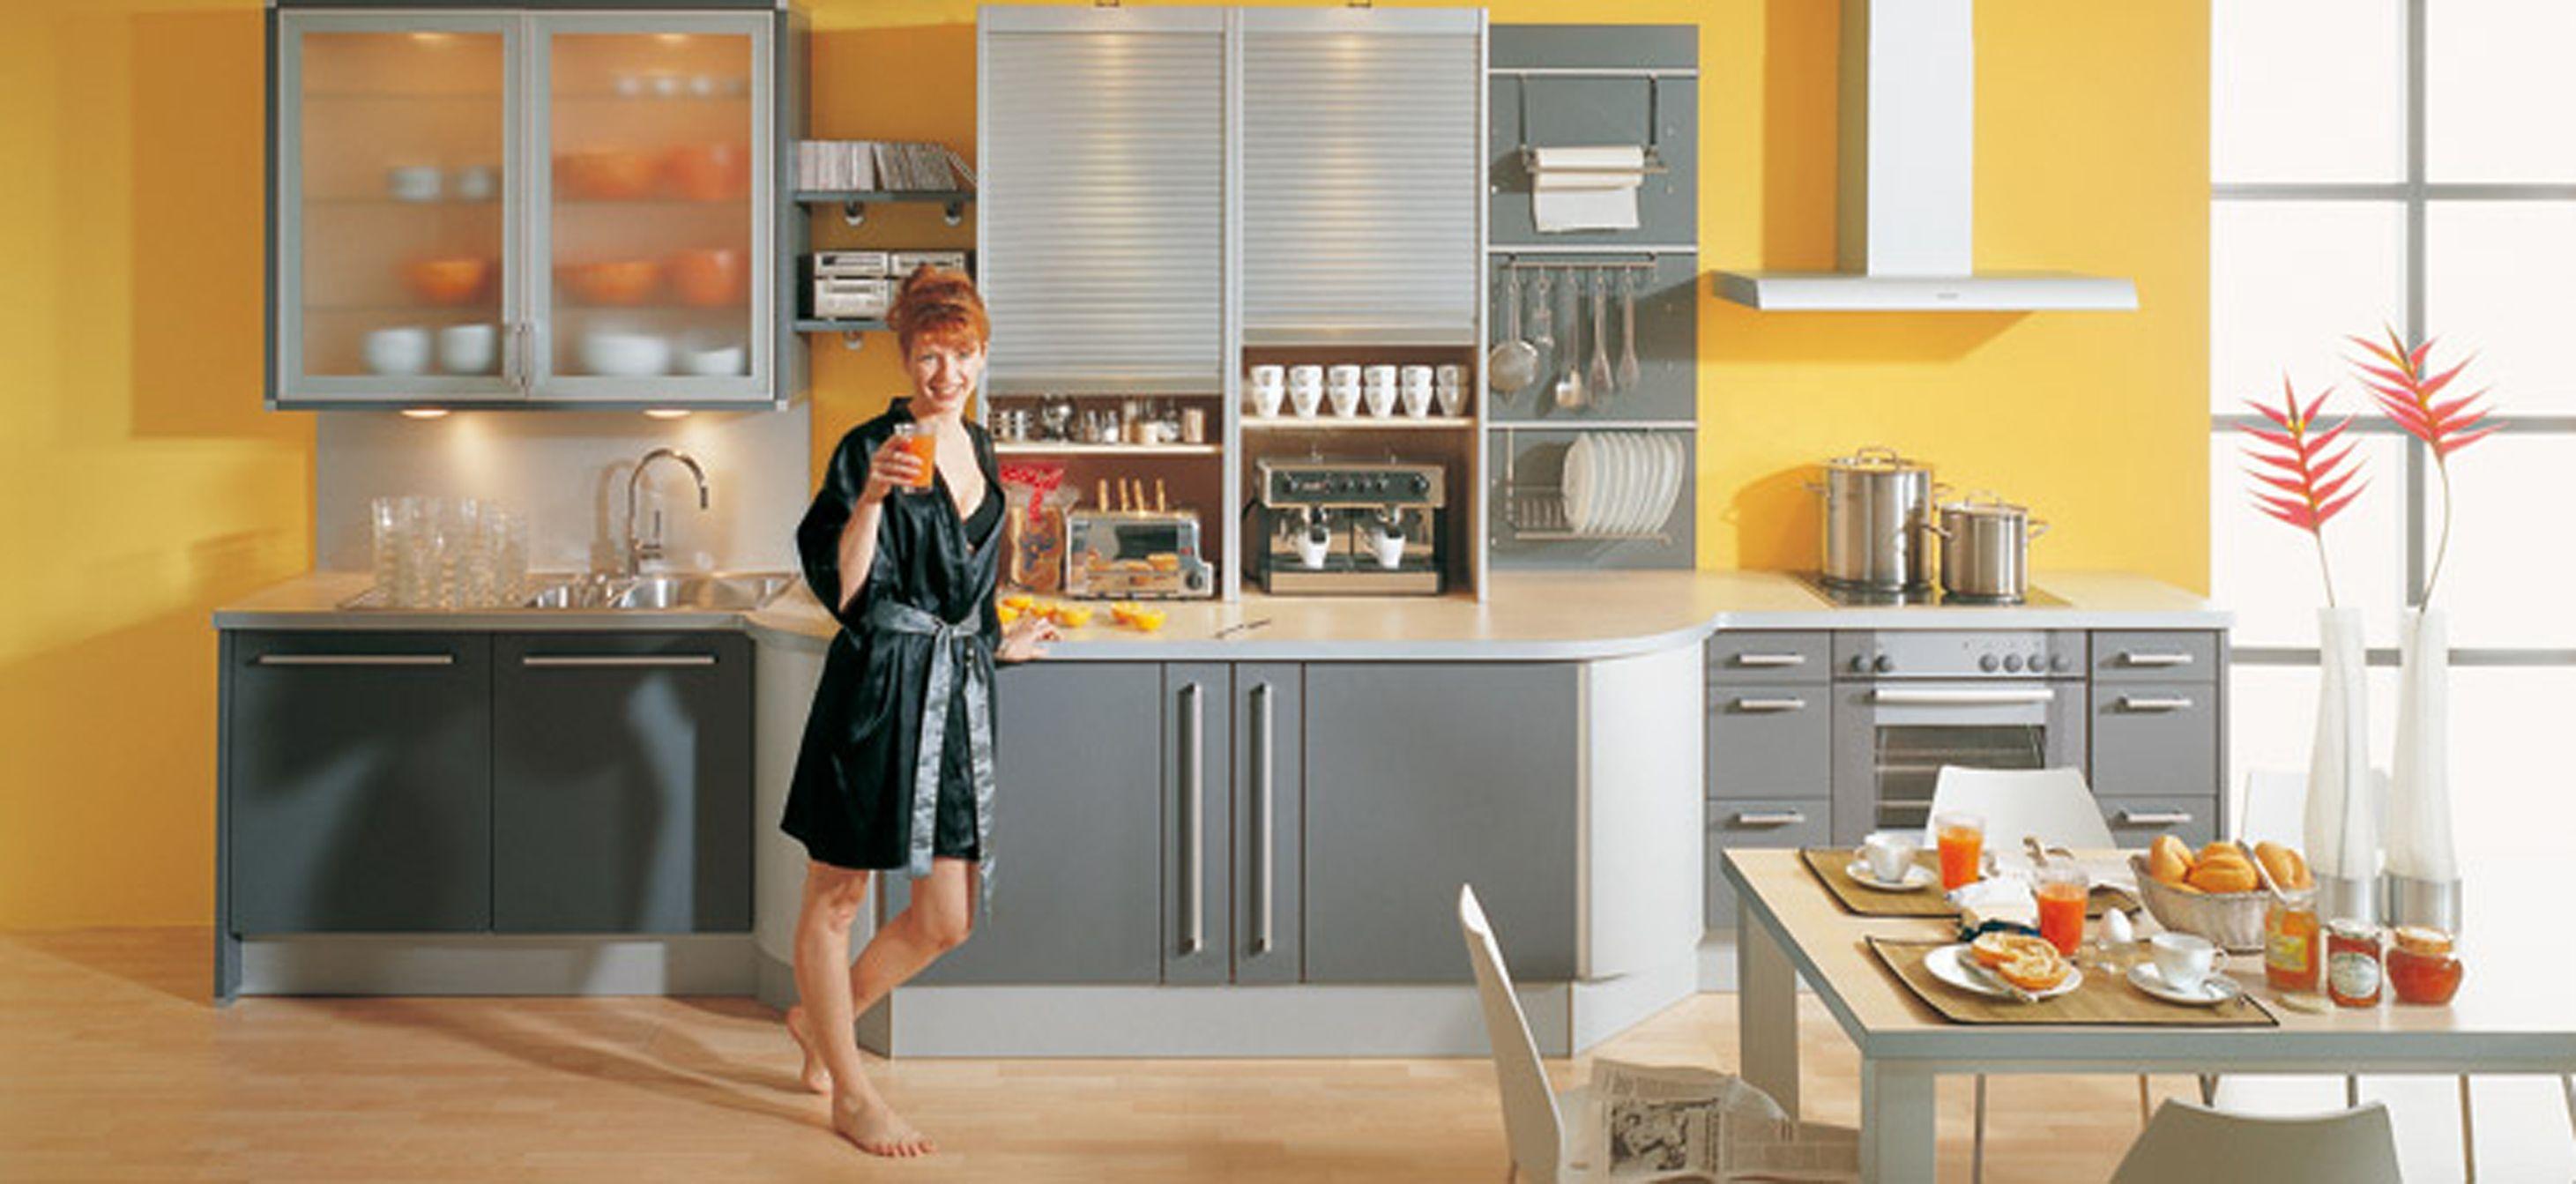 Modish Kitchen Design Ideas Shaker Kitchen Design Ideas Kitchen Designideas Cabinets Kitchen Design Ideas Shaker Kitchen Design Ideas Kitchen